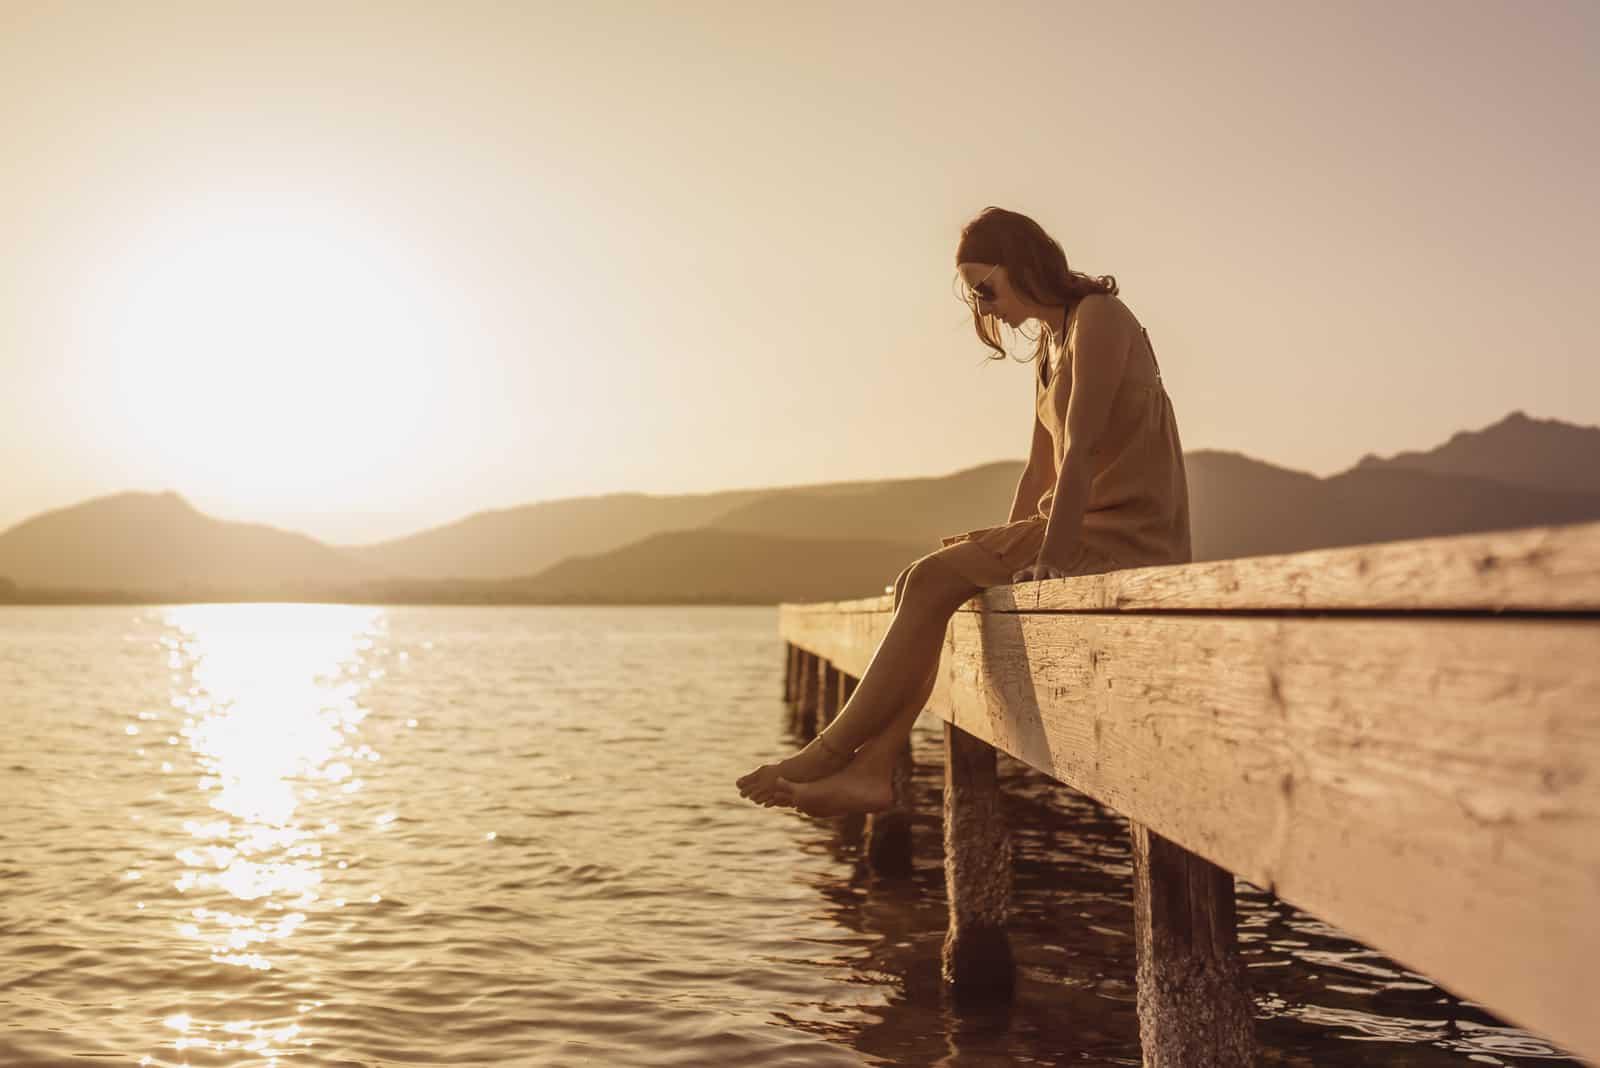 une femme imaginaire assise sur une jetée